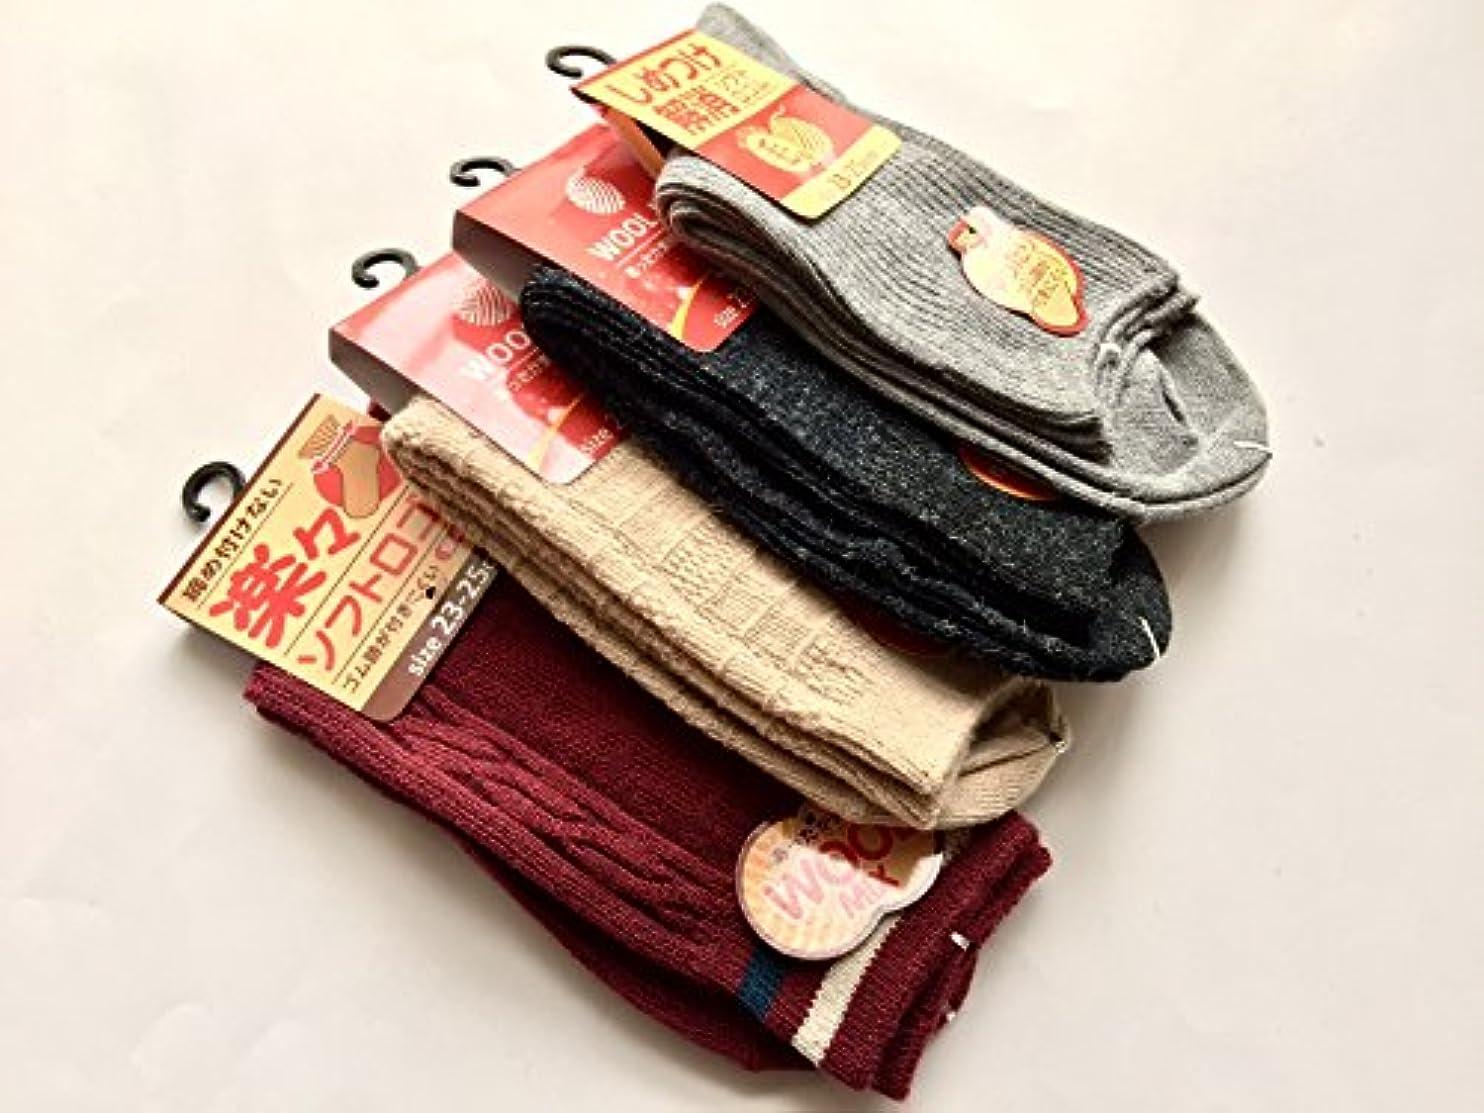 ペナルティ契約オーバーヘッド靴下 レディース あったか 毛混 口ゴムゆったり 23-25cm お買得4足組(柄はお任せ)